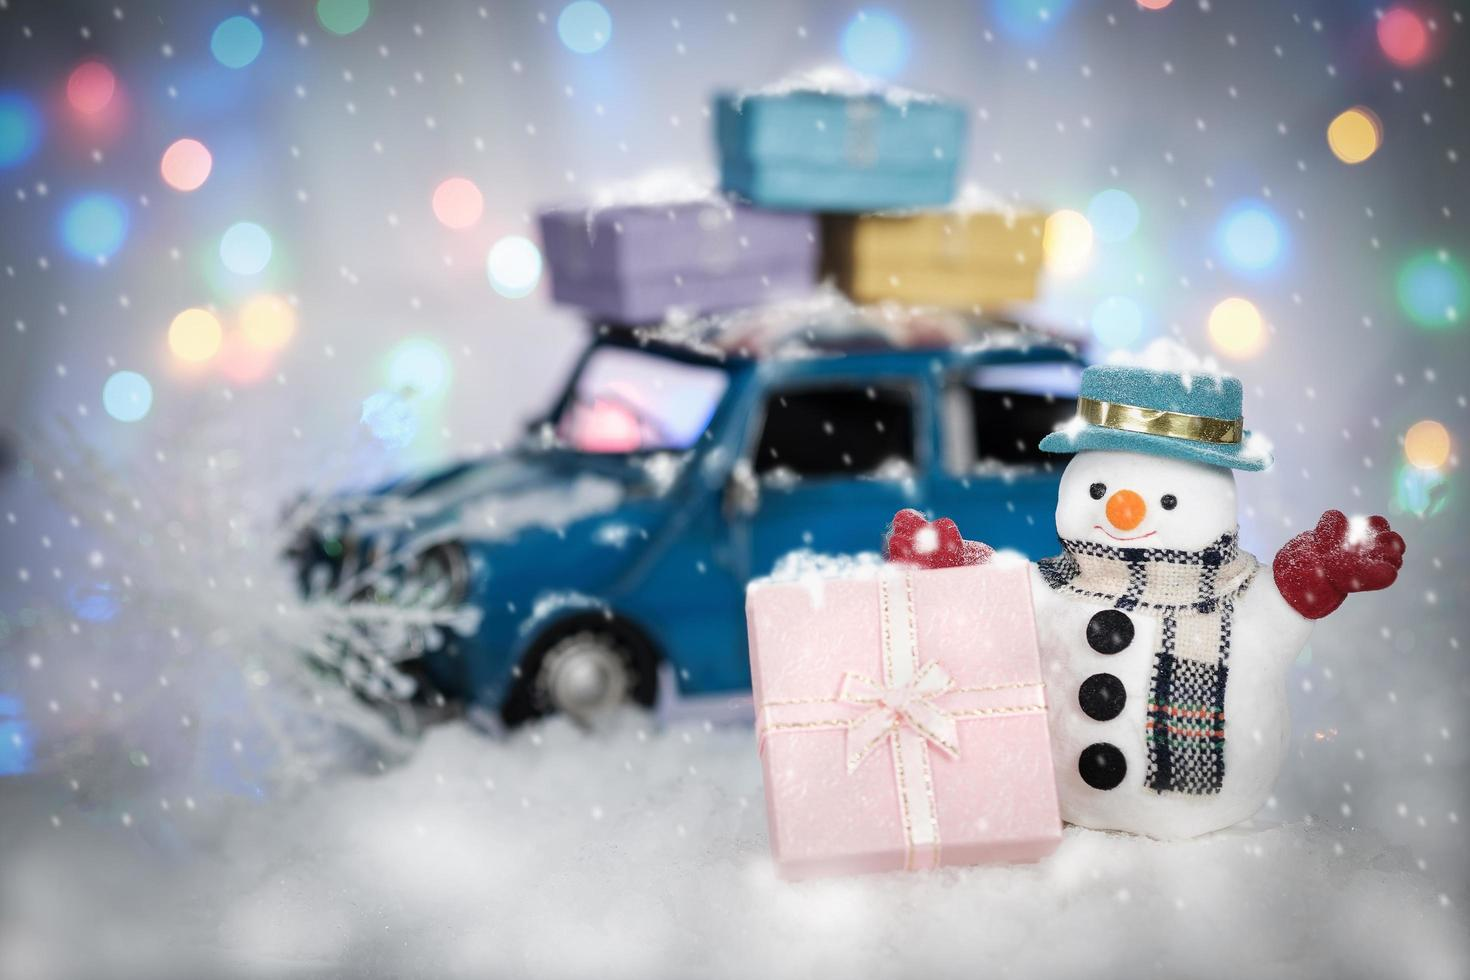 bonhomme de neige avec des cadeaux et une voiture photo